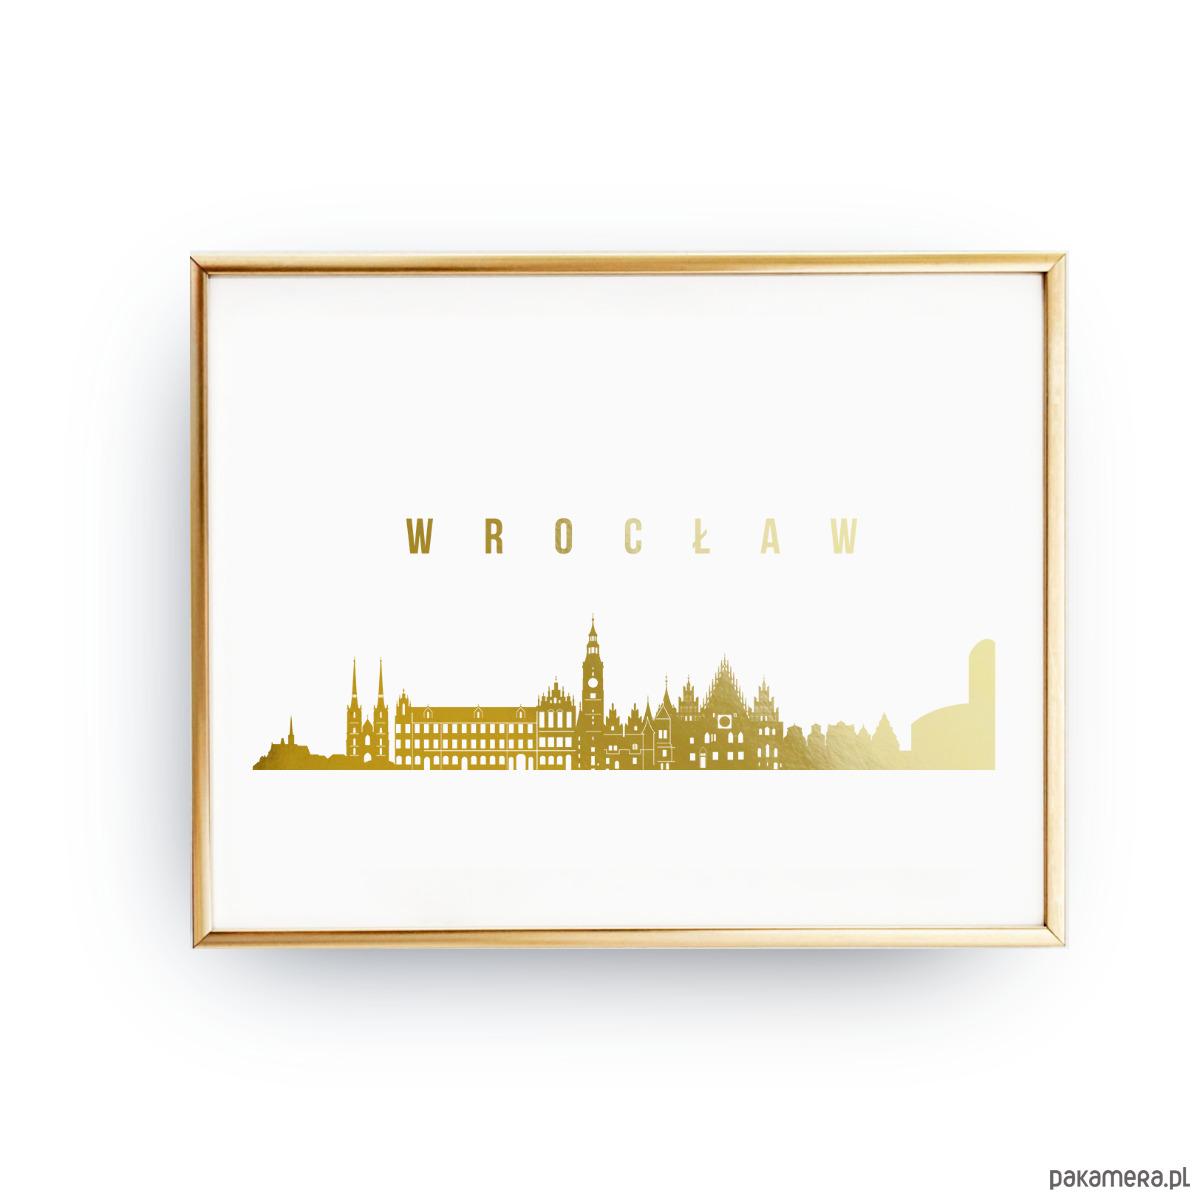 Plakat Wrocław Złoty Druk Pakamerapl